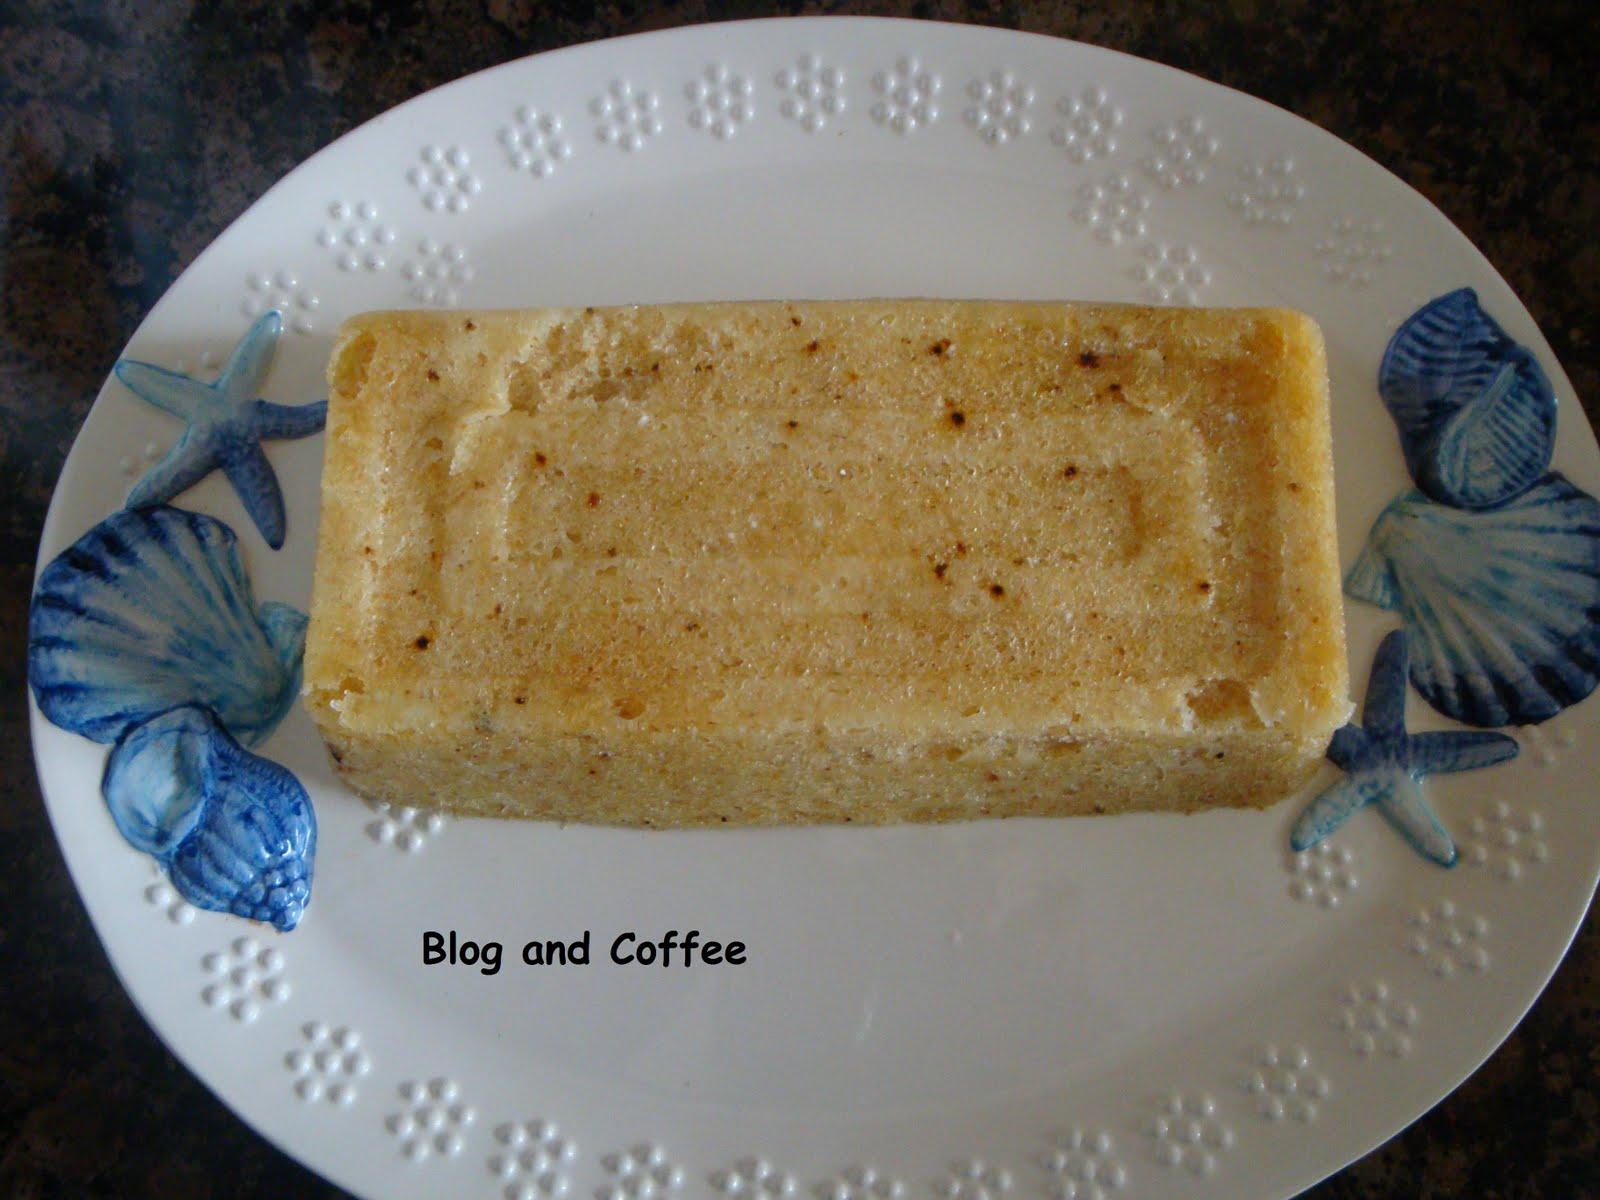 Cooking bizcocho expr s en 8 minutos al microondas - Bizcocho microondas 3 minutos ...